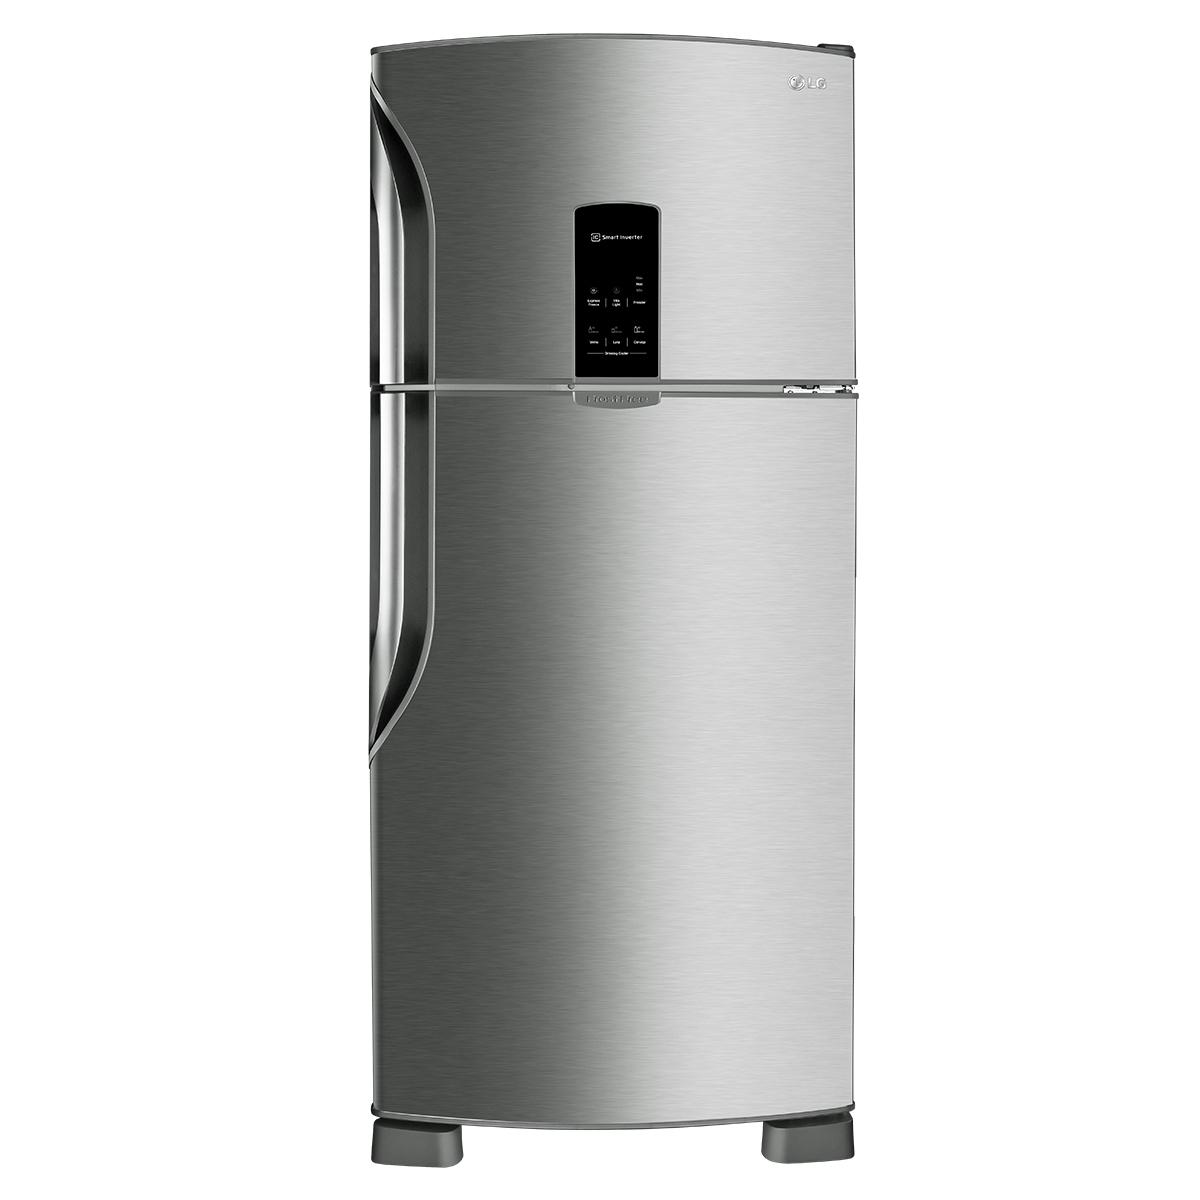 CLIQUE ➤➤ Geladeira LG Frost Free Top Freezer 2 Portas Fresh & Light GT44 435 Litros Inox 110V   oferta com preço barato em Promoção no site de loja